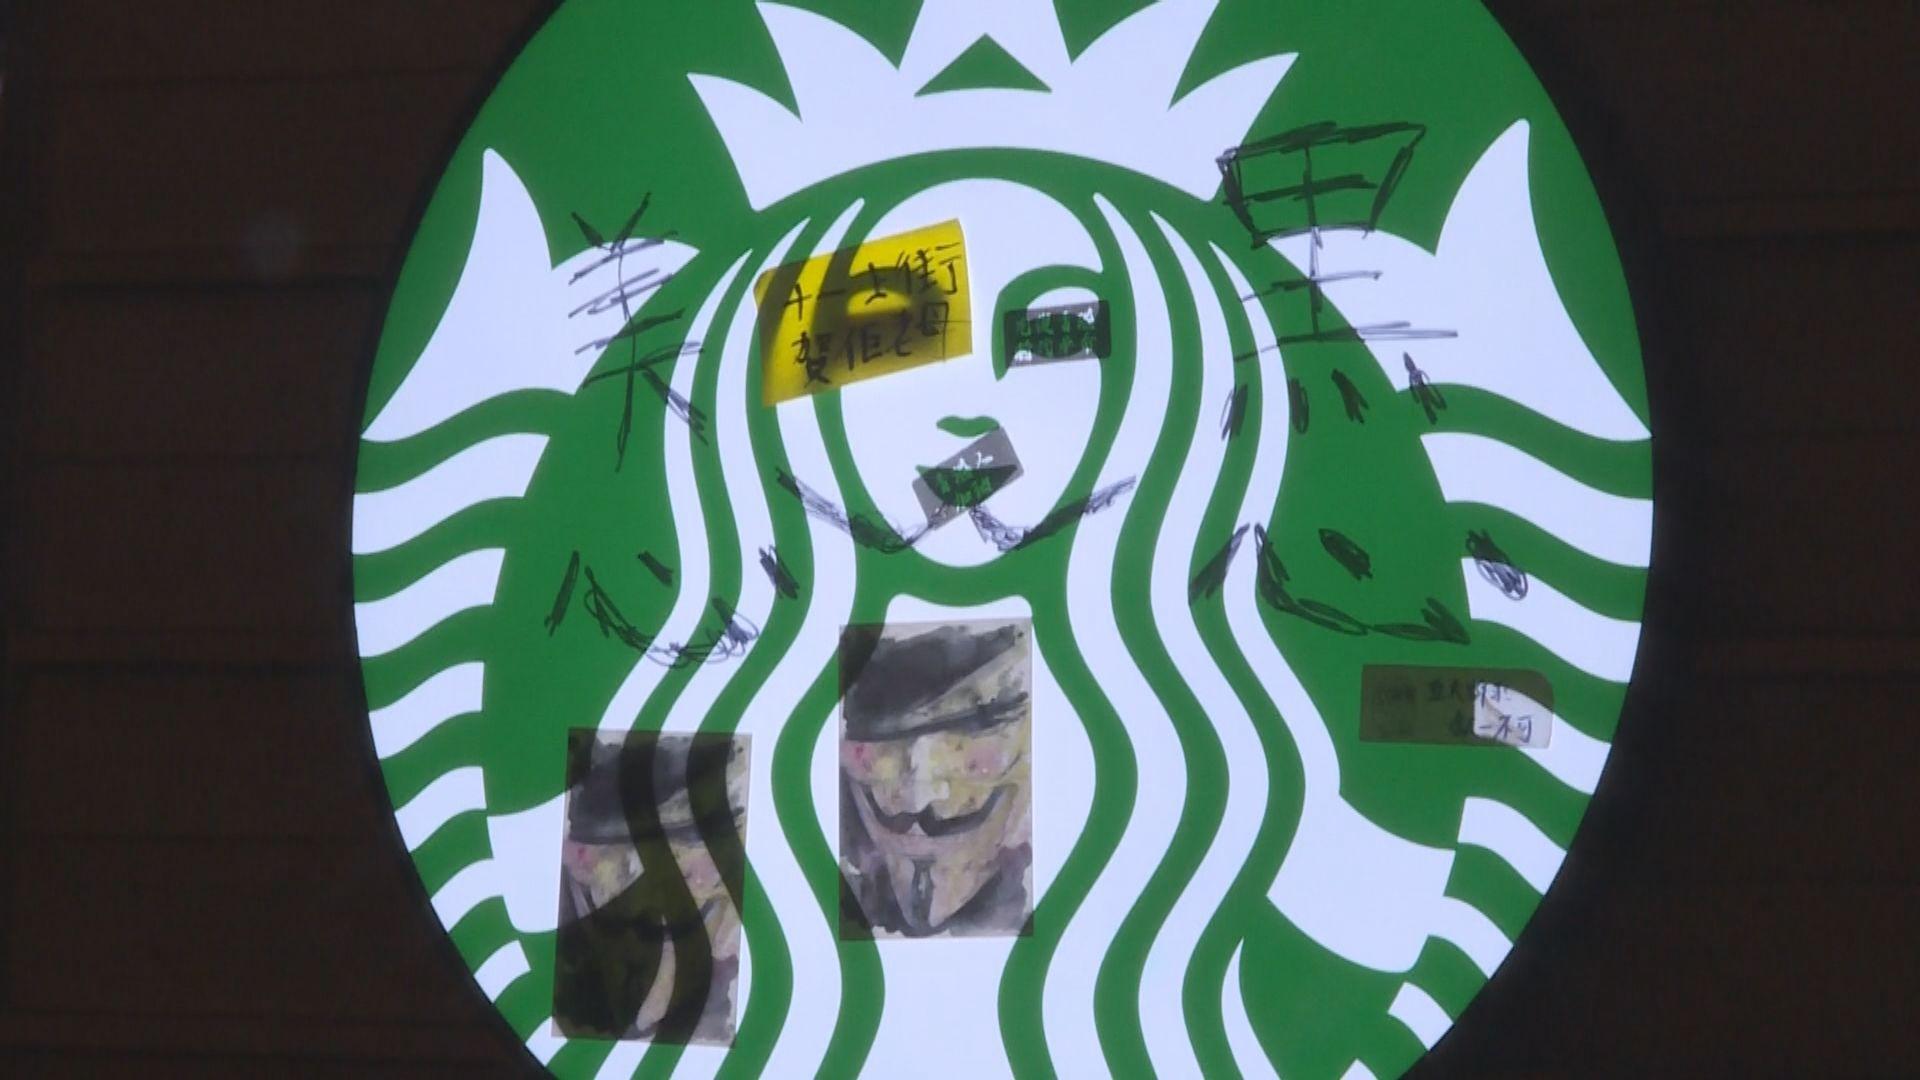 有市民不滿美心 食肆取票抗議咖啡店被塗污